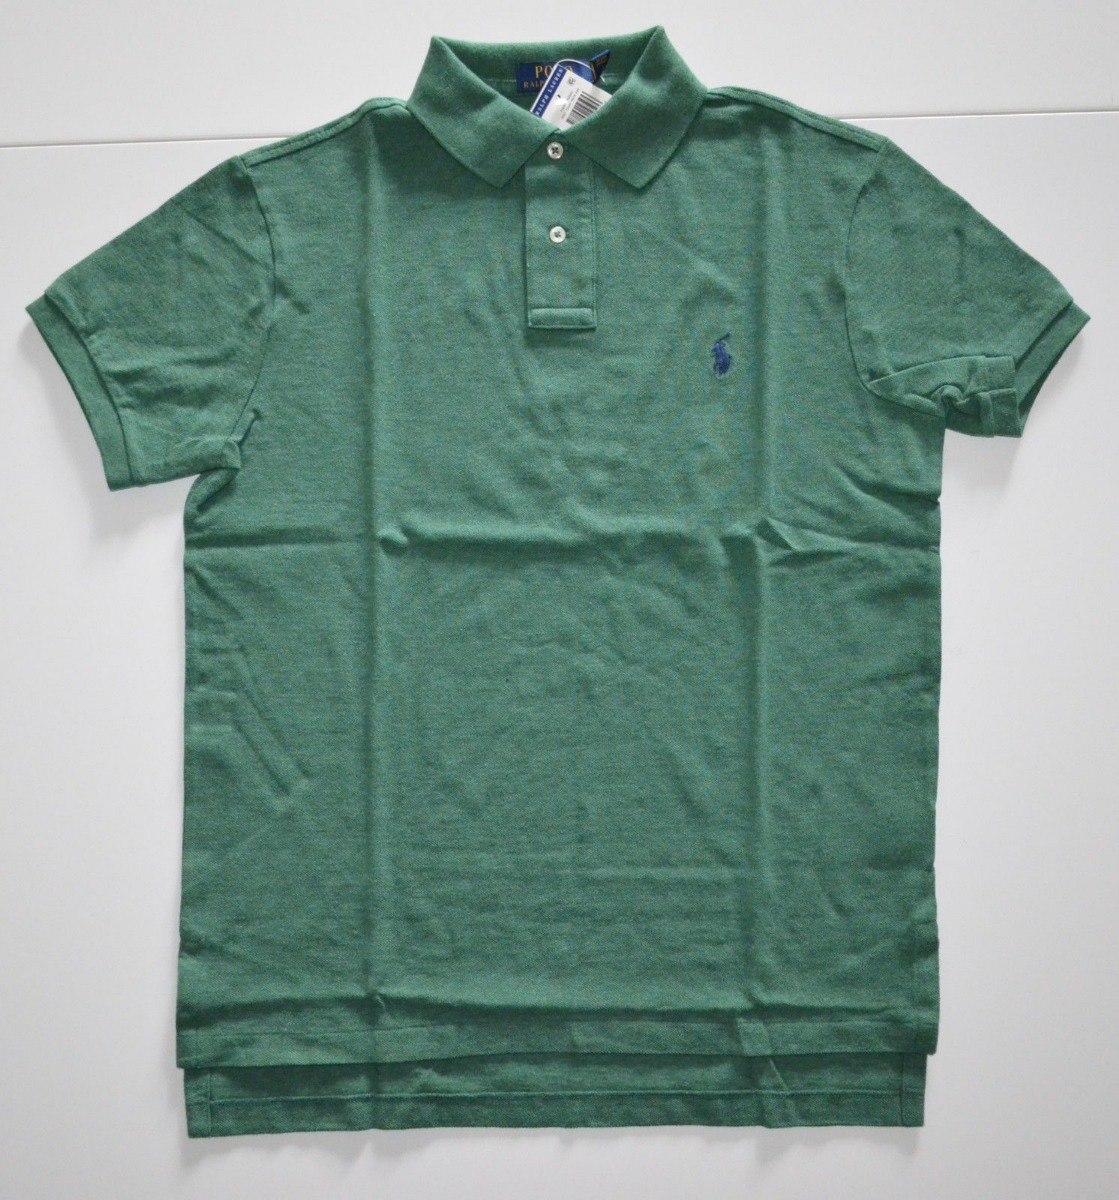 camisa polo ralph lauren tamanho m nova original custom fit. Carregando zoom . ea01569901b